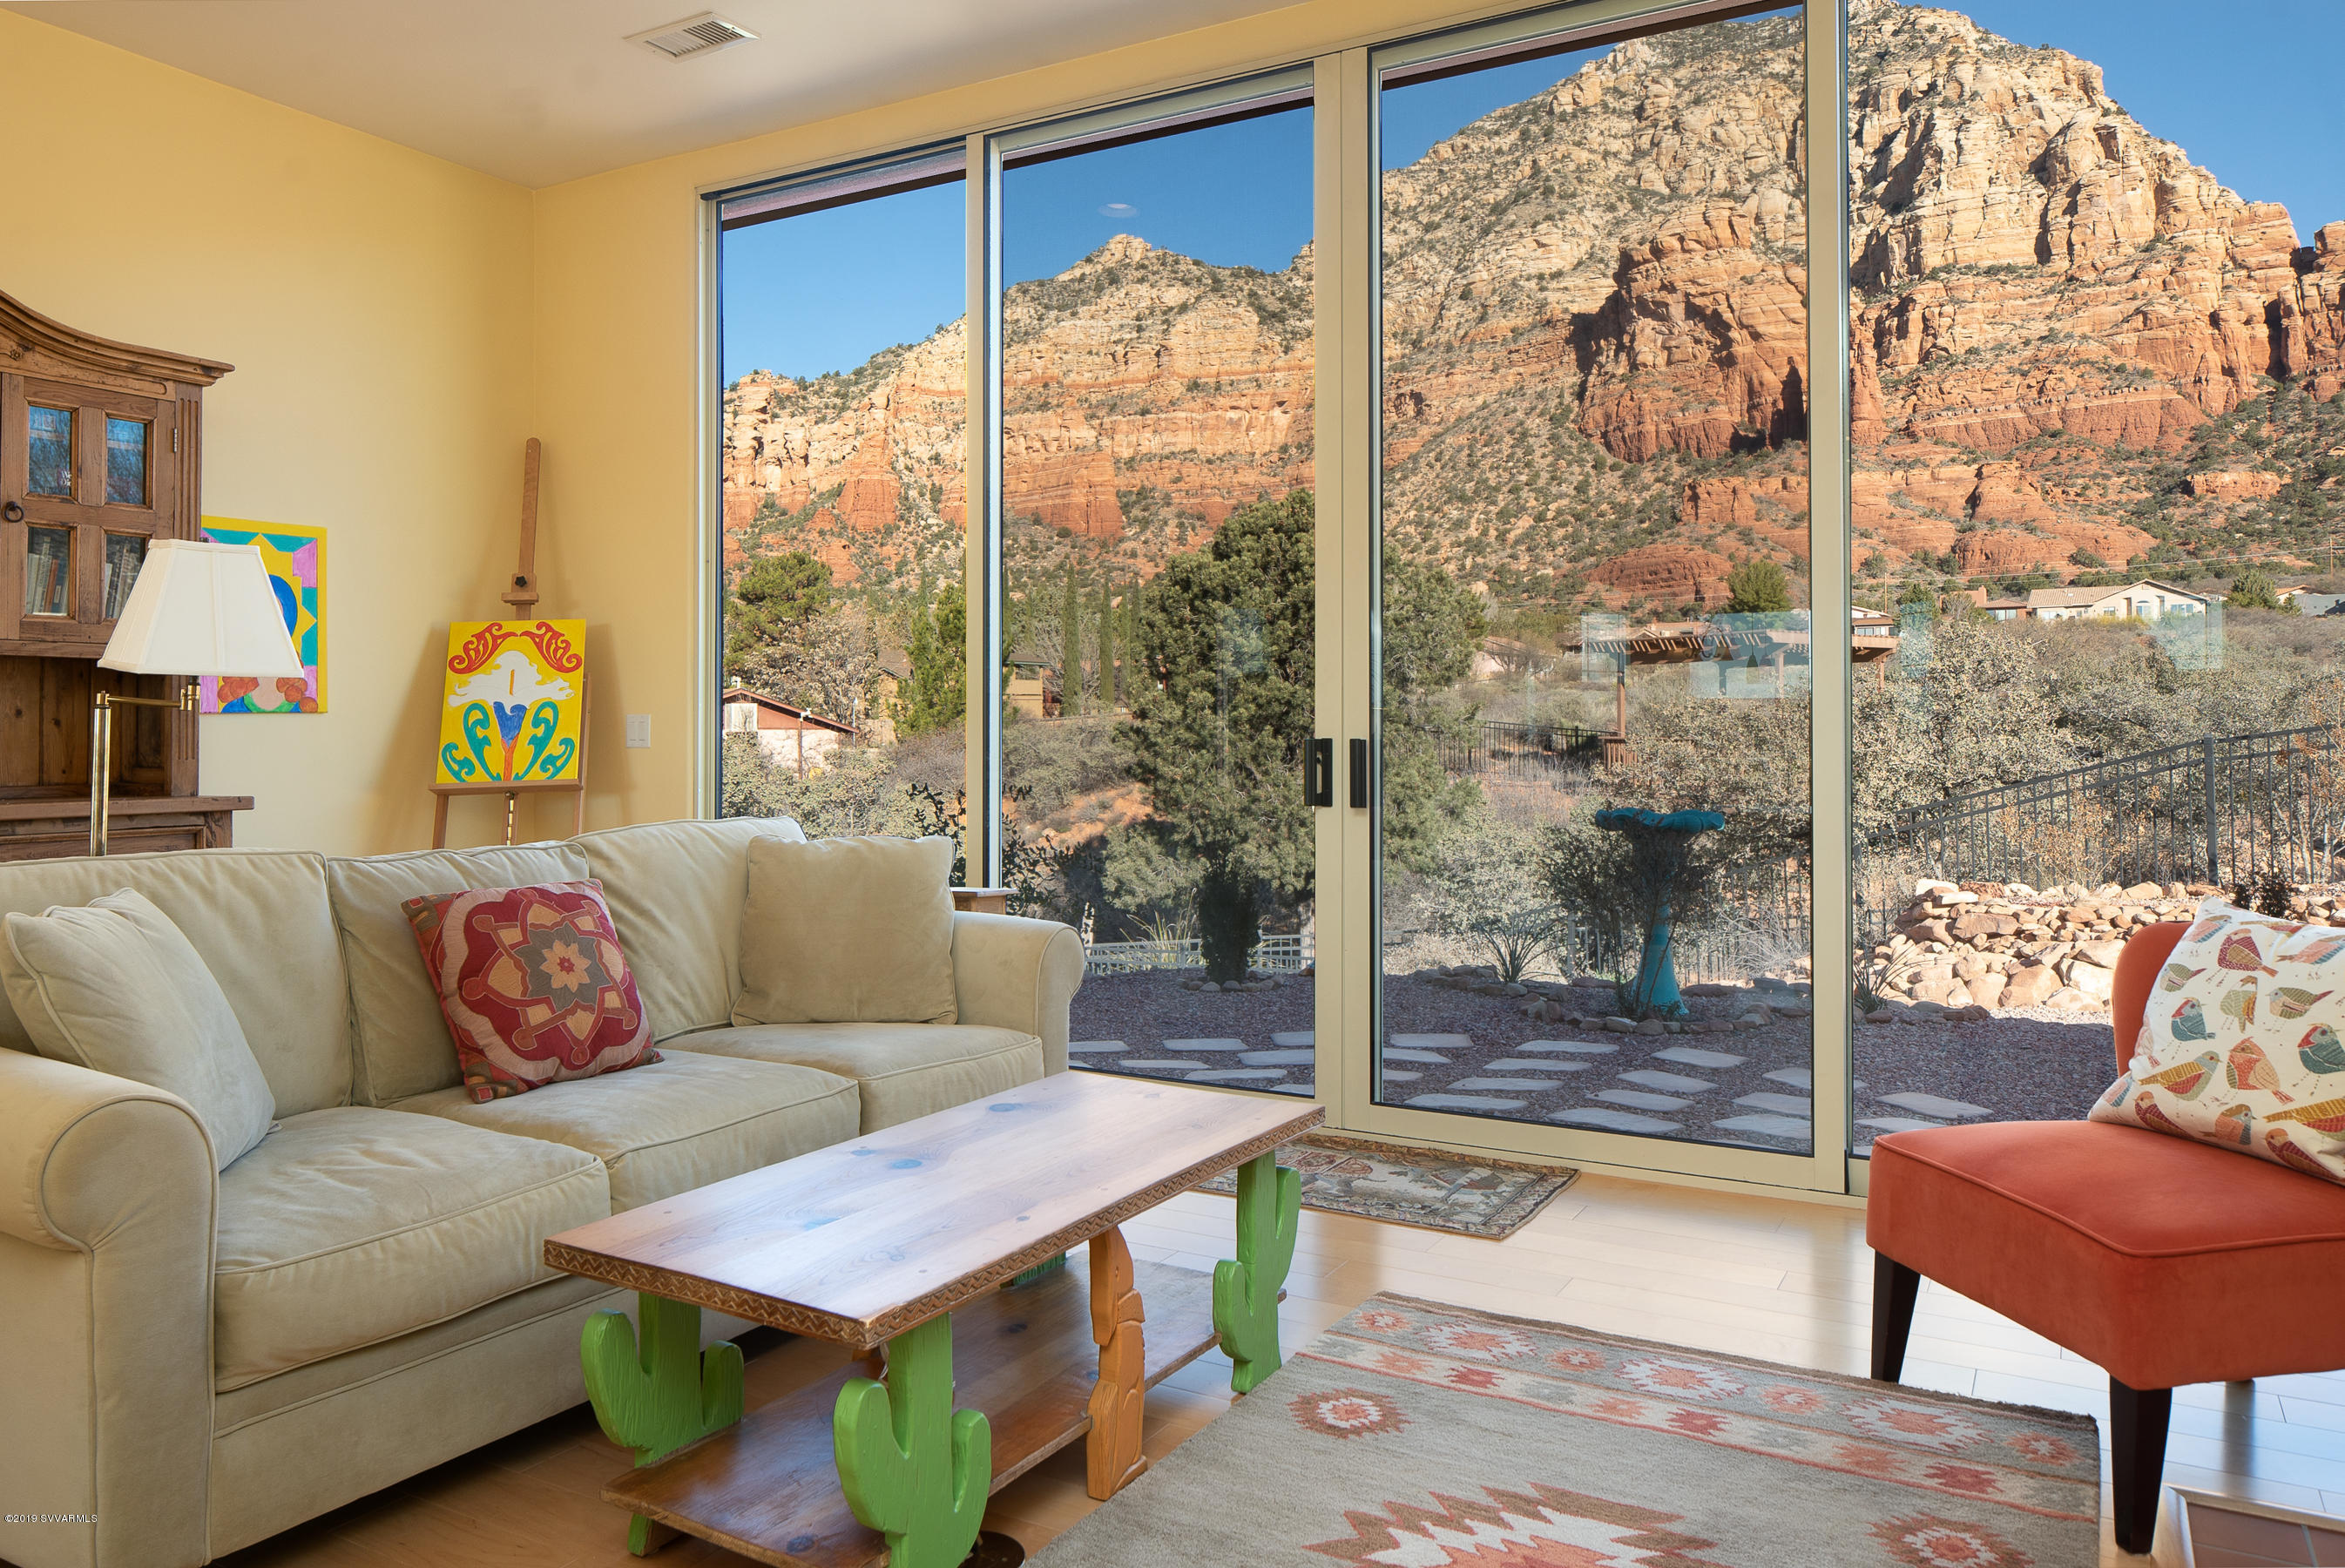 2450 Ranch Rd Sedona, AZ 86336